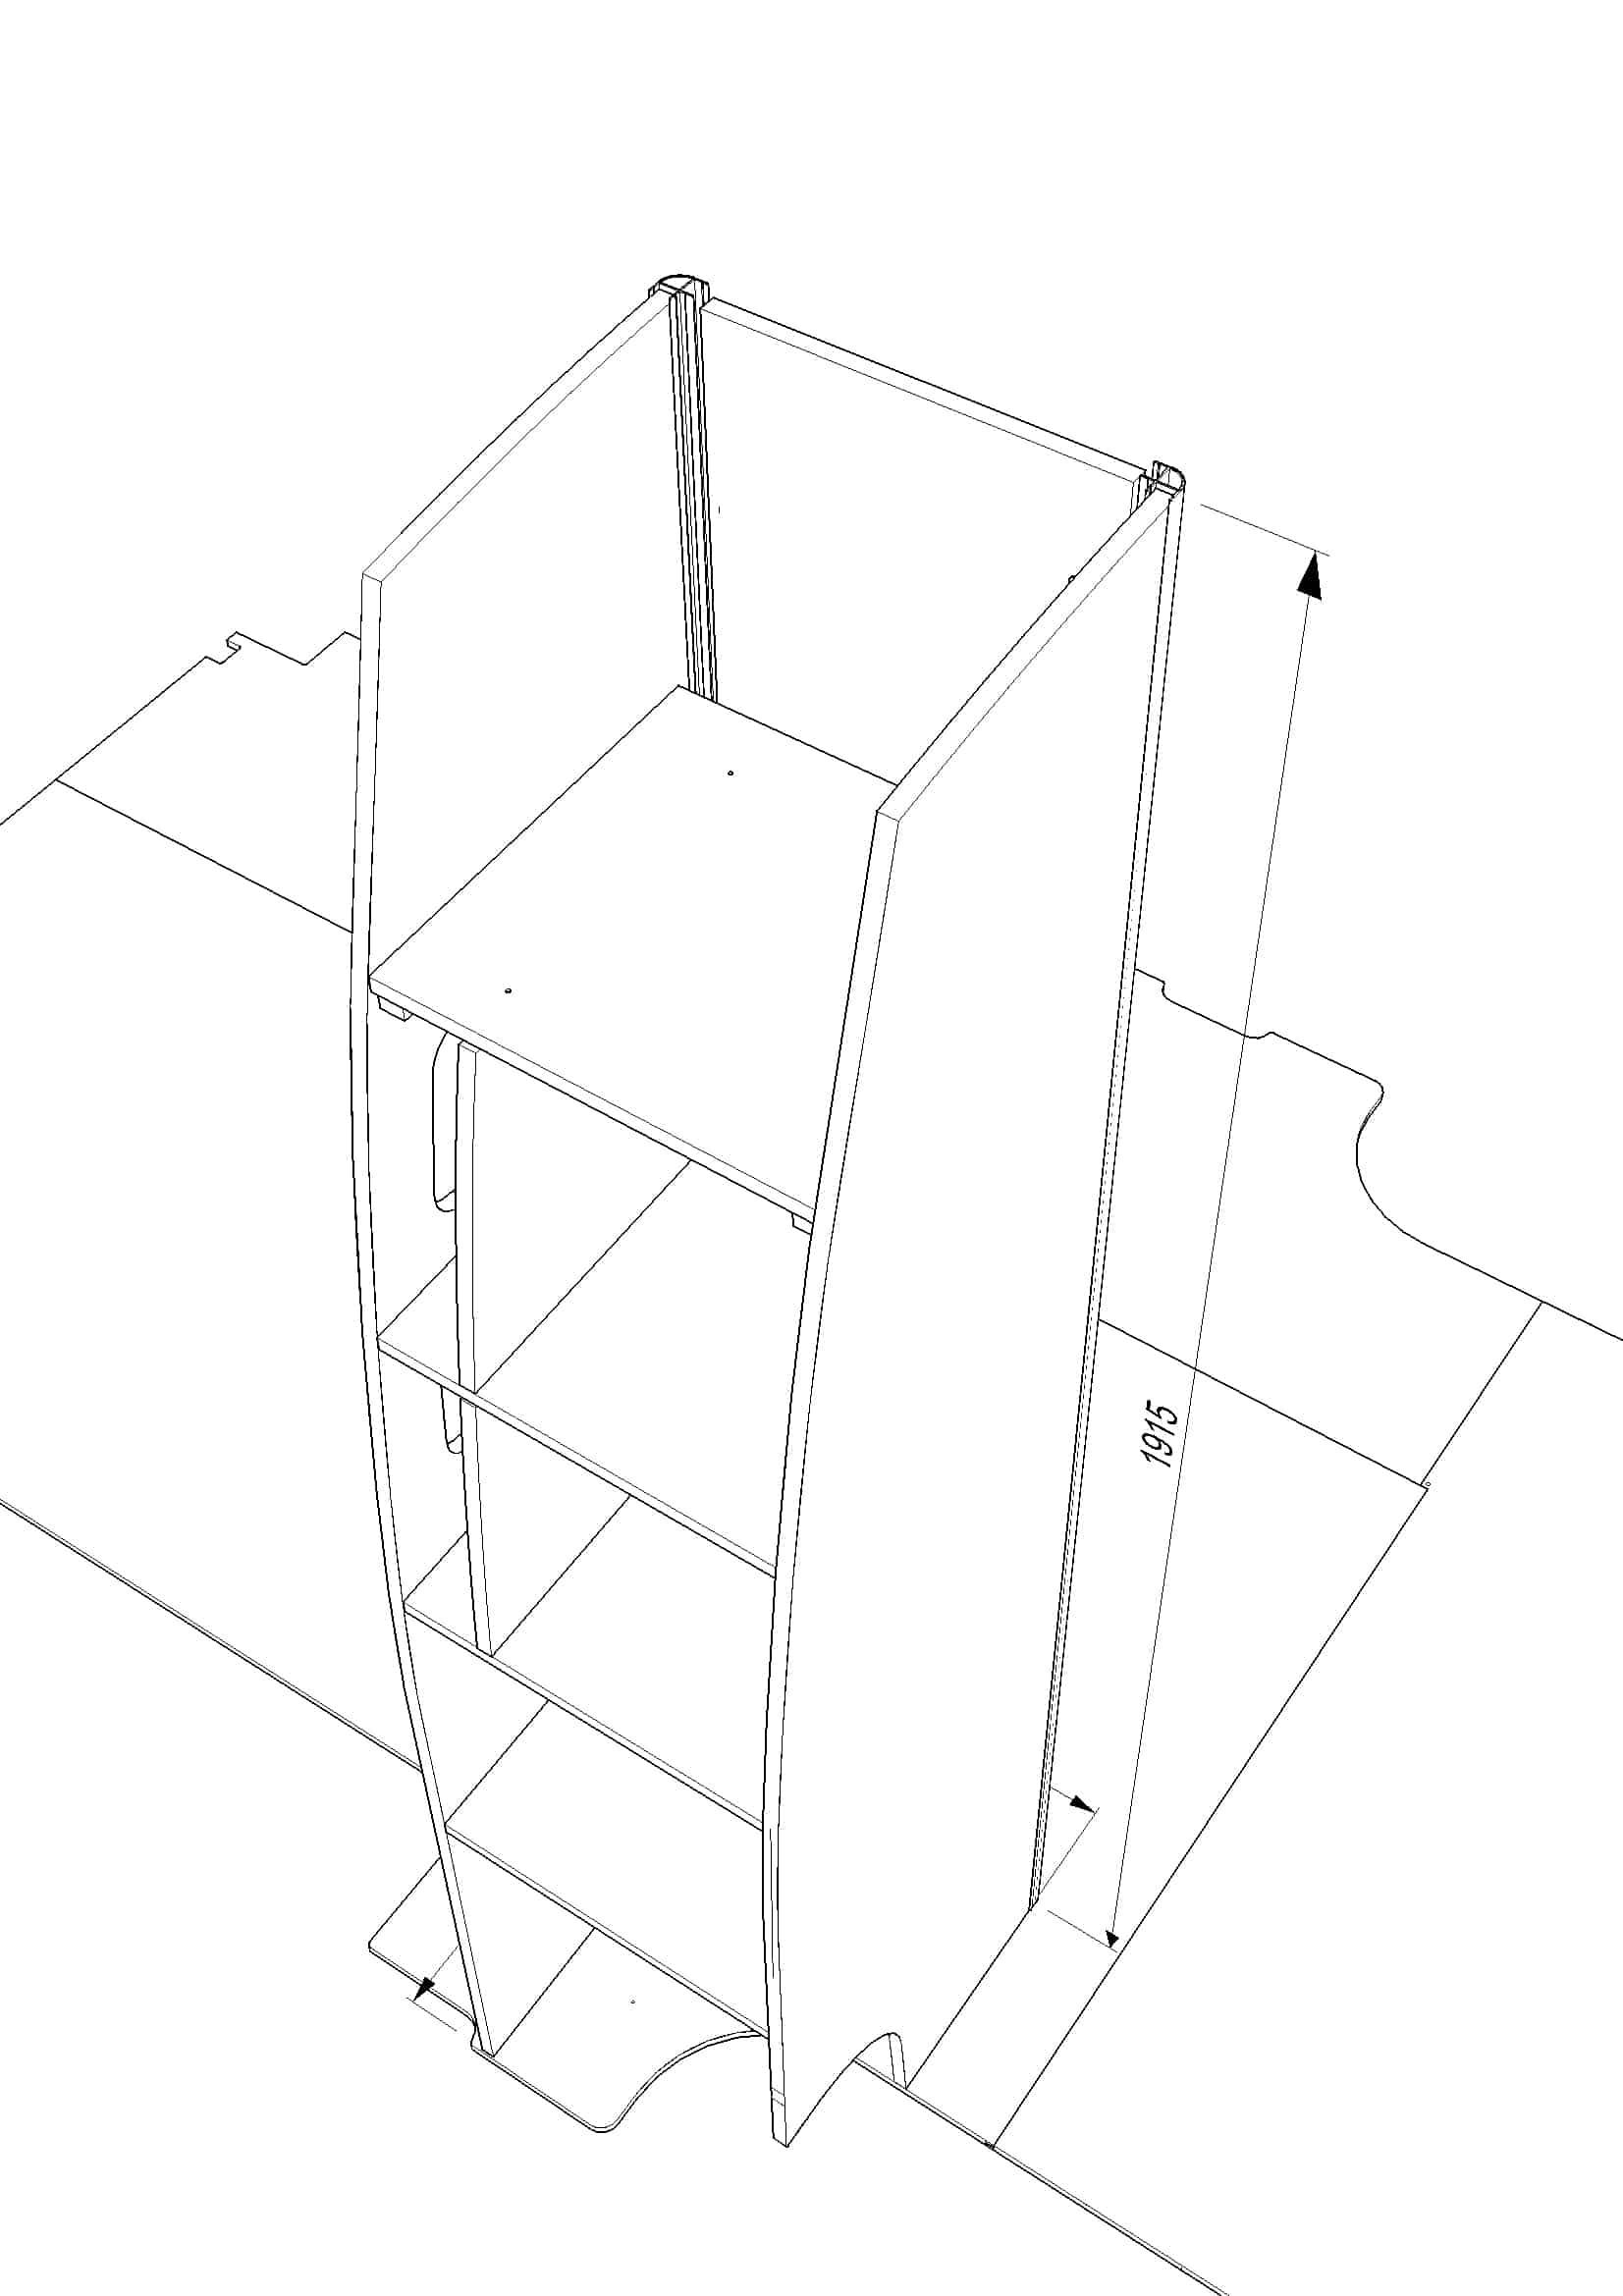 Evo Tall Cupboard 400mm  U2013 Merc Sprinter Or Vw Crafter